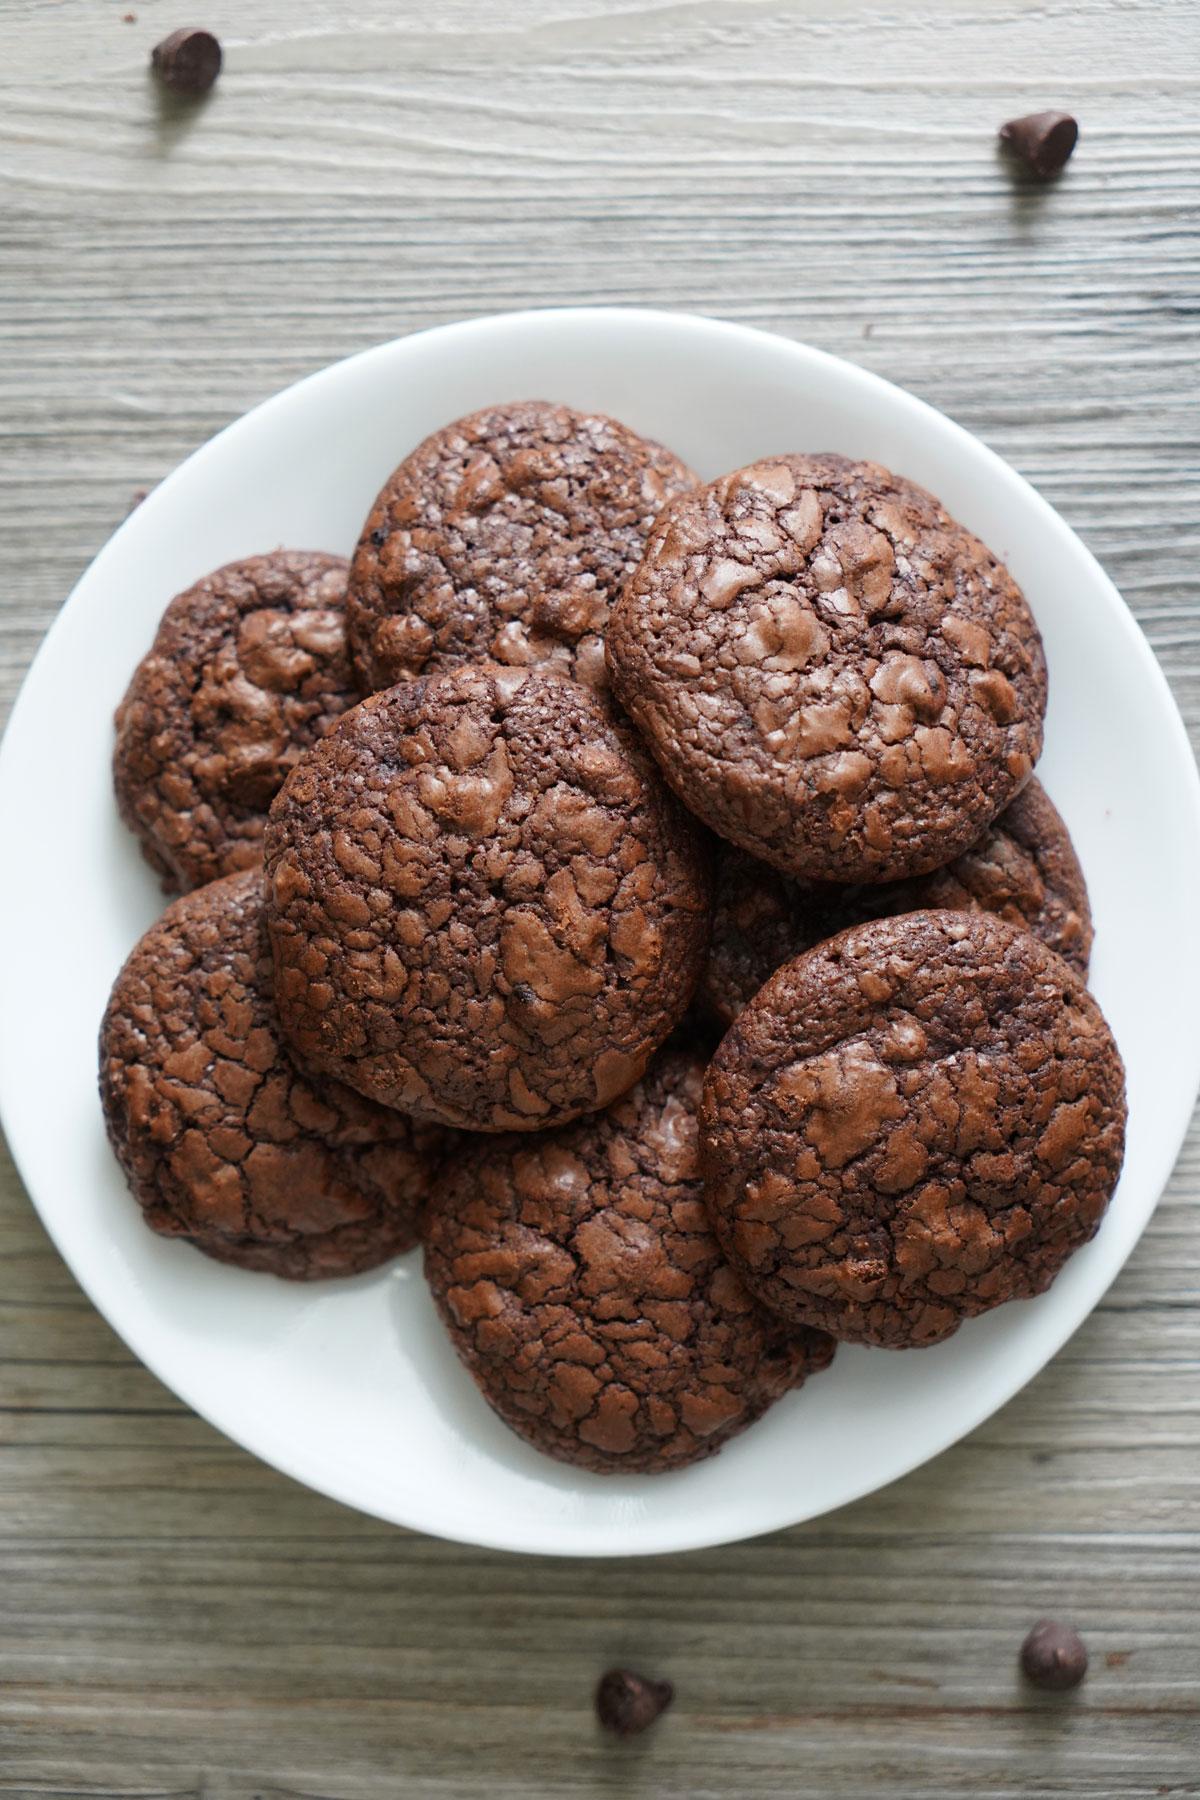 Top view of plate of Brownie Cookies